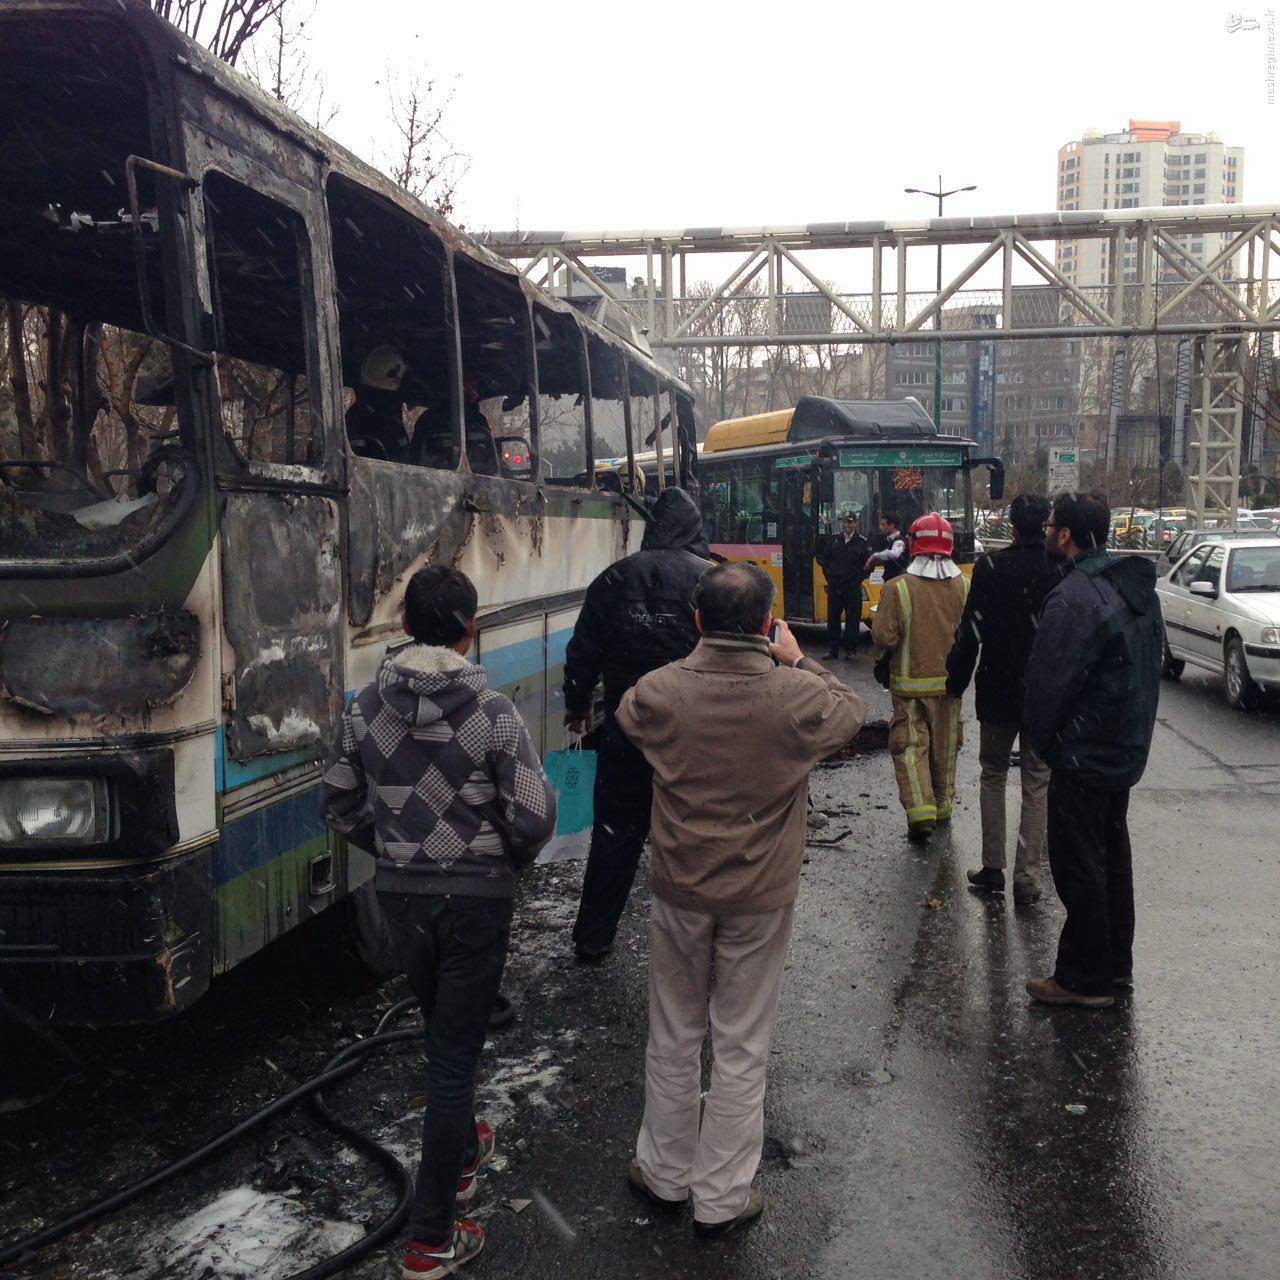 یک اتوبوس در تقاطع نیایش در آتش سوخت+عکس